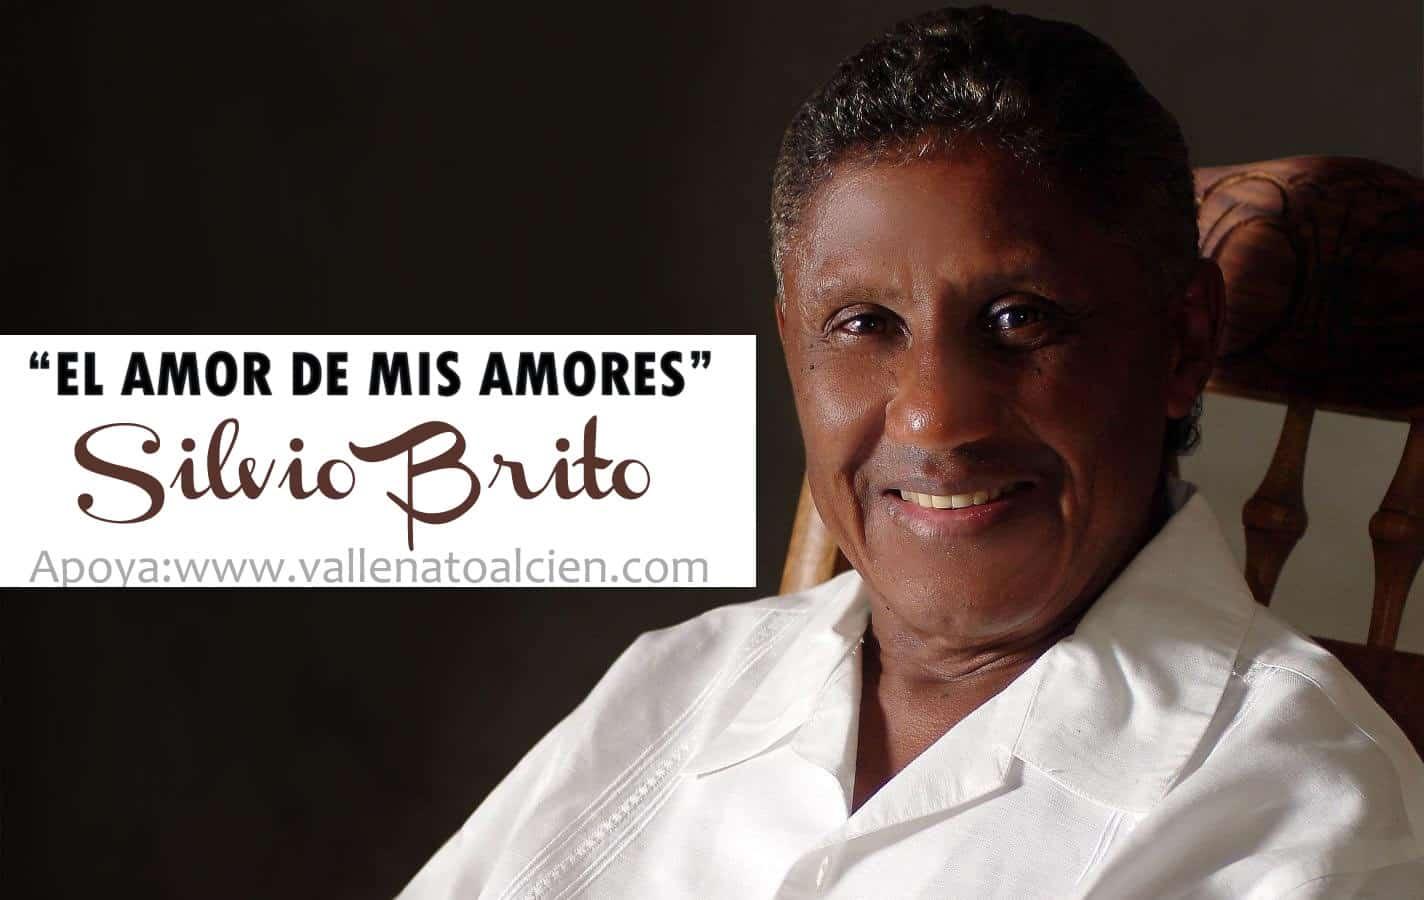 Silvio Brito El amor de mis amores